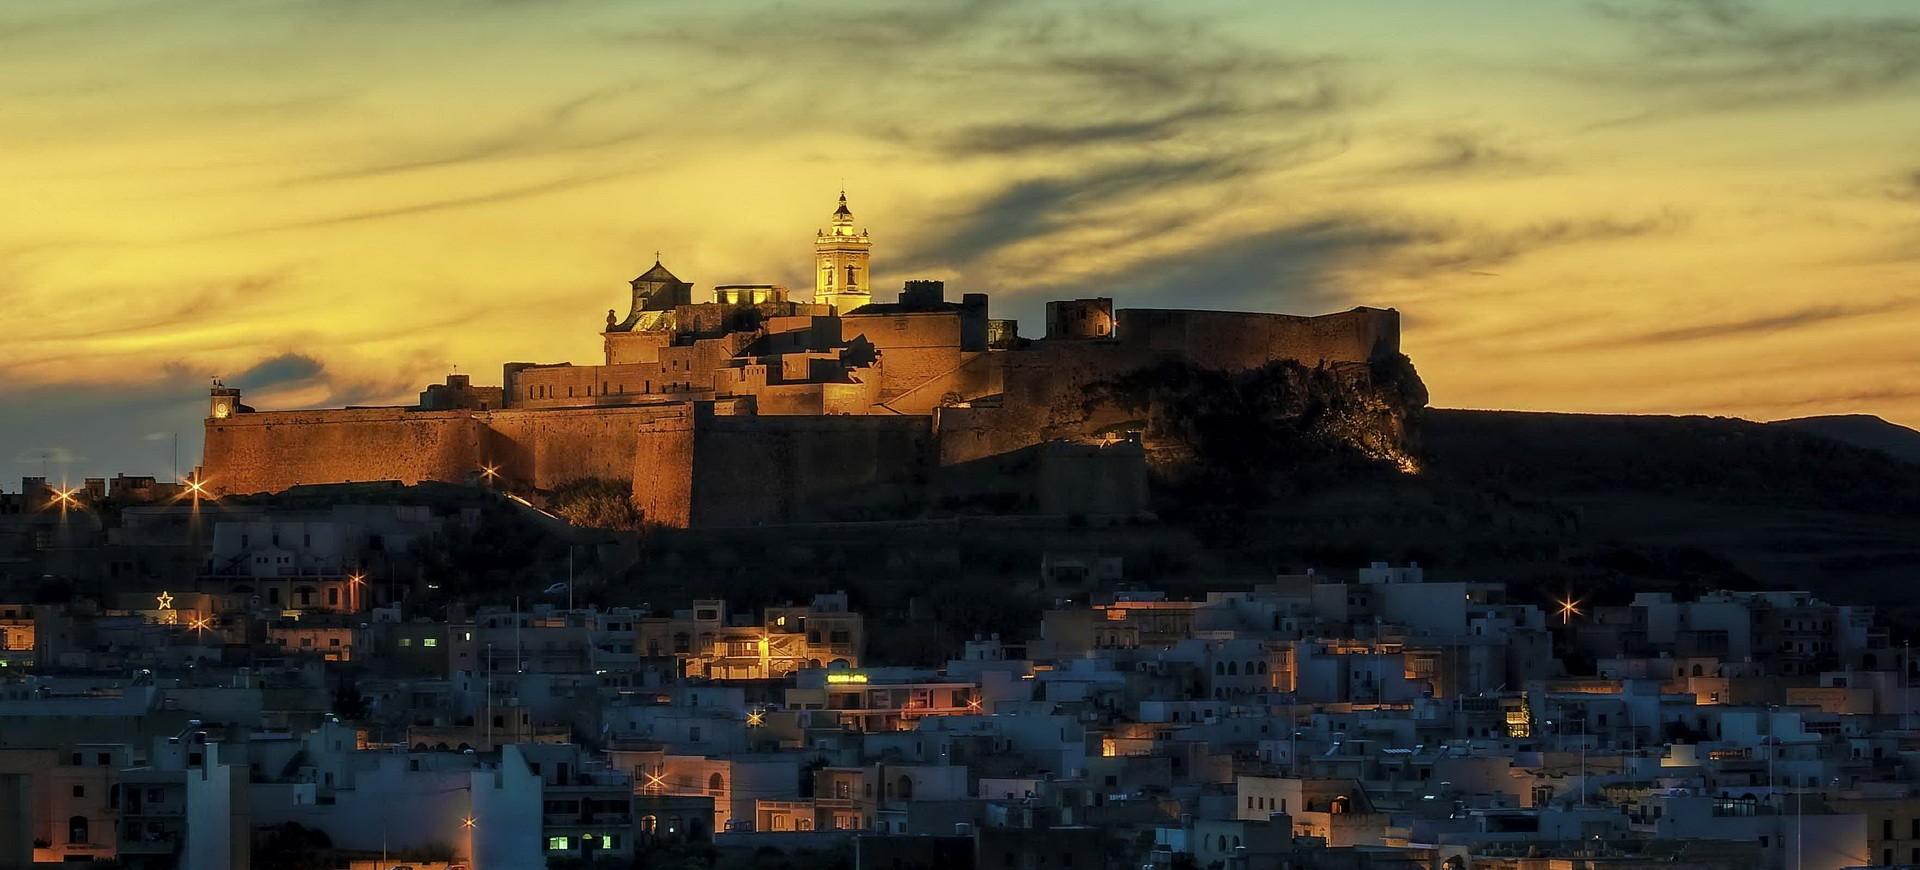 Malte Ile de Gozo Citadelle by night by Clive Vella